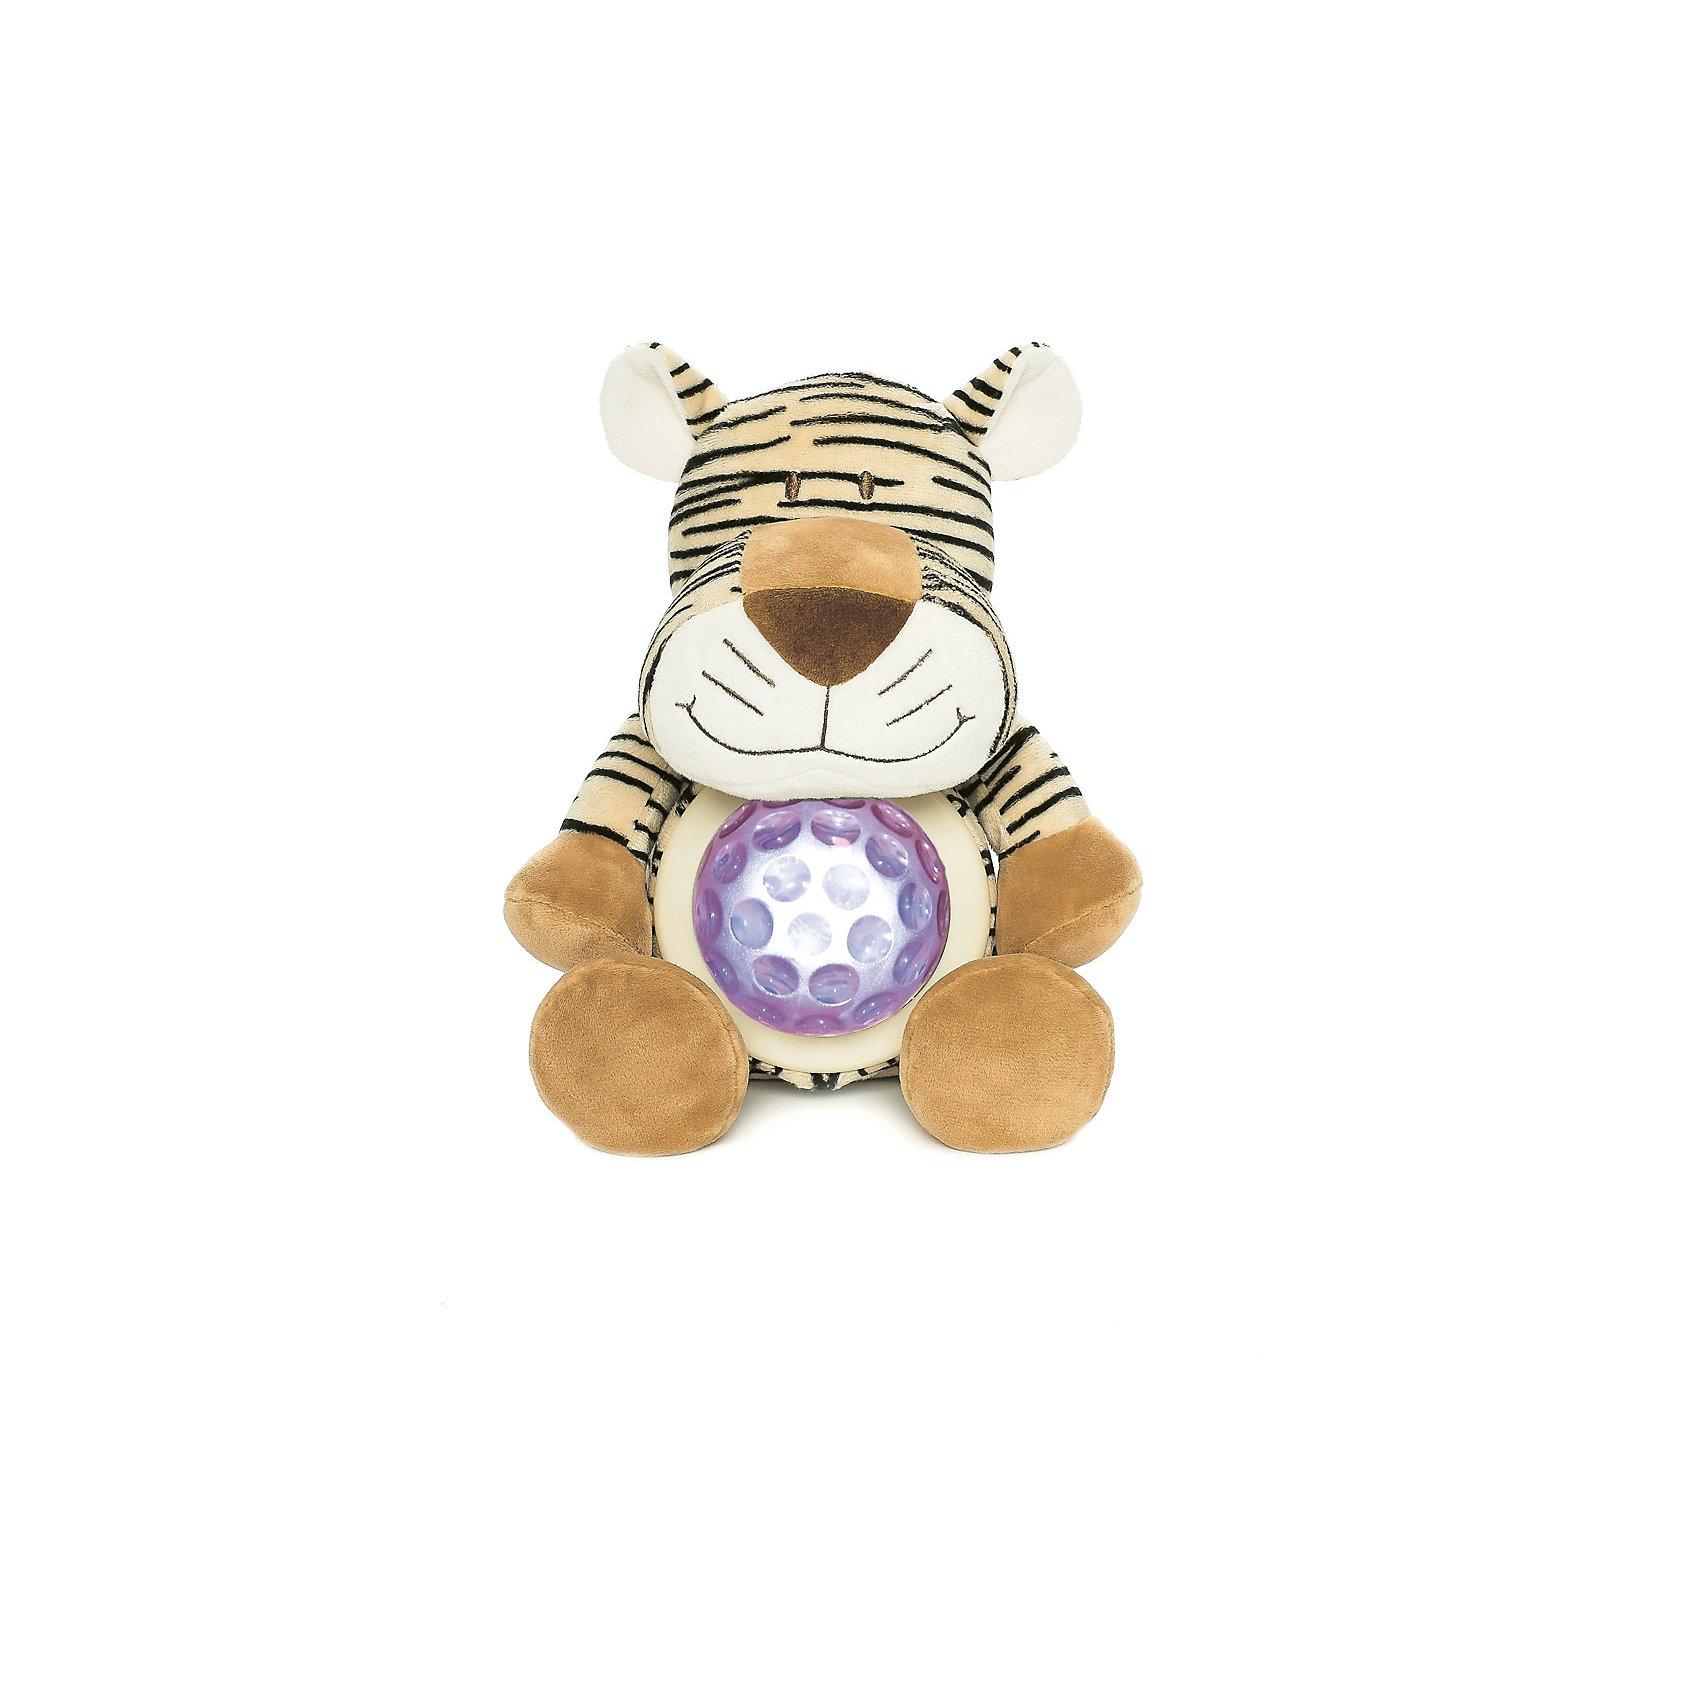 Ночник Тигр, Динглисар, TeddykompanietЛампы, ночники, фонарики<br>Ночник Тигр, Динглисар, Teddykompaniet (Тэдди и компания) - подарит уют и спокойствие вашему малышу.<br>Ночник в виде милого улыбающегося тигренка создаст спокойную атмосферу, идеальную для того, чтобы малыш мог легко и быстро заснуть. Ночник проецирует звездное небо и работает в двух режимах. В первом режиме мягкий прозрачный свет, во втором режиме – меняет цвета (3 цвета). Чтобы активировать работу ночника, необходимо нажать на животик тигра. Продукция соответствует европейским и российским стандартам качества.<br><br>Дополнительная информация:<br><br>- Размер: 23 см.<br>- Материал: текстиль<br>- Предусмотрено автоматическое отключение после 10 мин непрерывной работы<br>- Батарейки: 3 типа АА (в комплект не входят)<br><br>Ночник Тигр, Динглисар, Teddykompaniet (Тэдди и компания) можно купить в нашем интернет-магазине.<br><br>Ширина мм: 250<br>Глубина мм: 150<br>Высота мм: 100<br>Вес г: 220<br>Возраст от месяцев: 0<br>Возраст до месяцев: 36<br>Пол: Унисекс<br>Возраст: Детский<br>SKU: 4902226